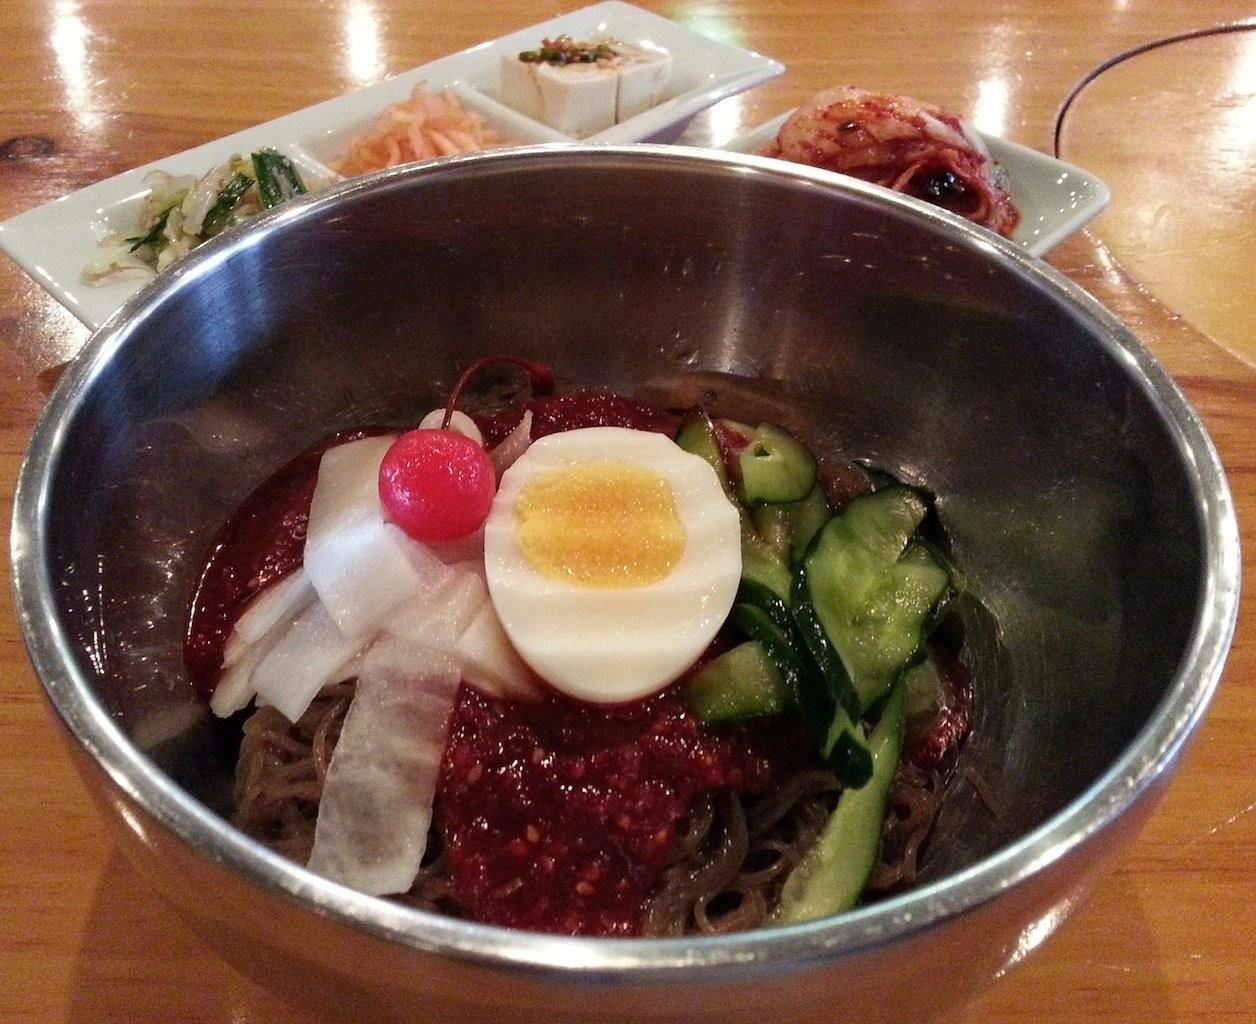 ビビン冷麺にチェリーちゃんが乗る季節ニダ! 【2014年5月14日】